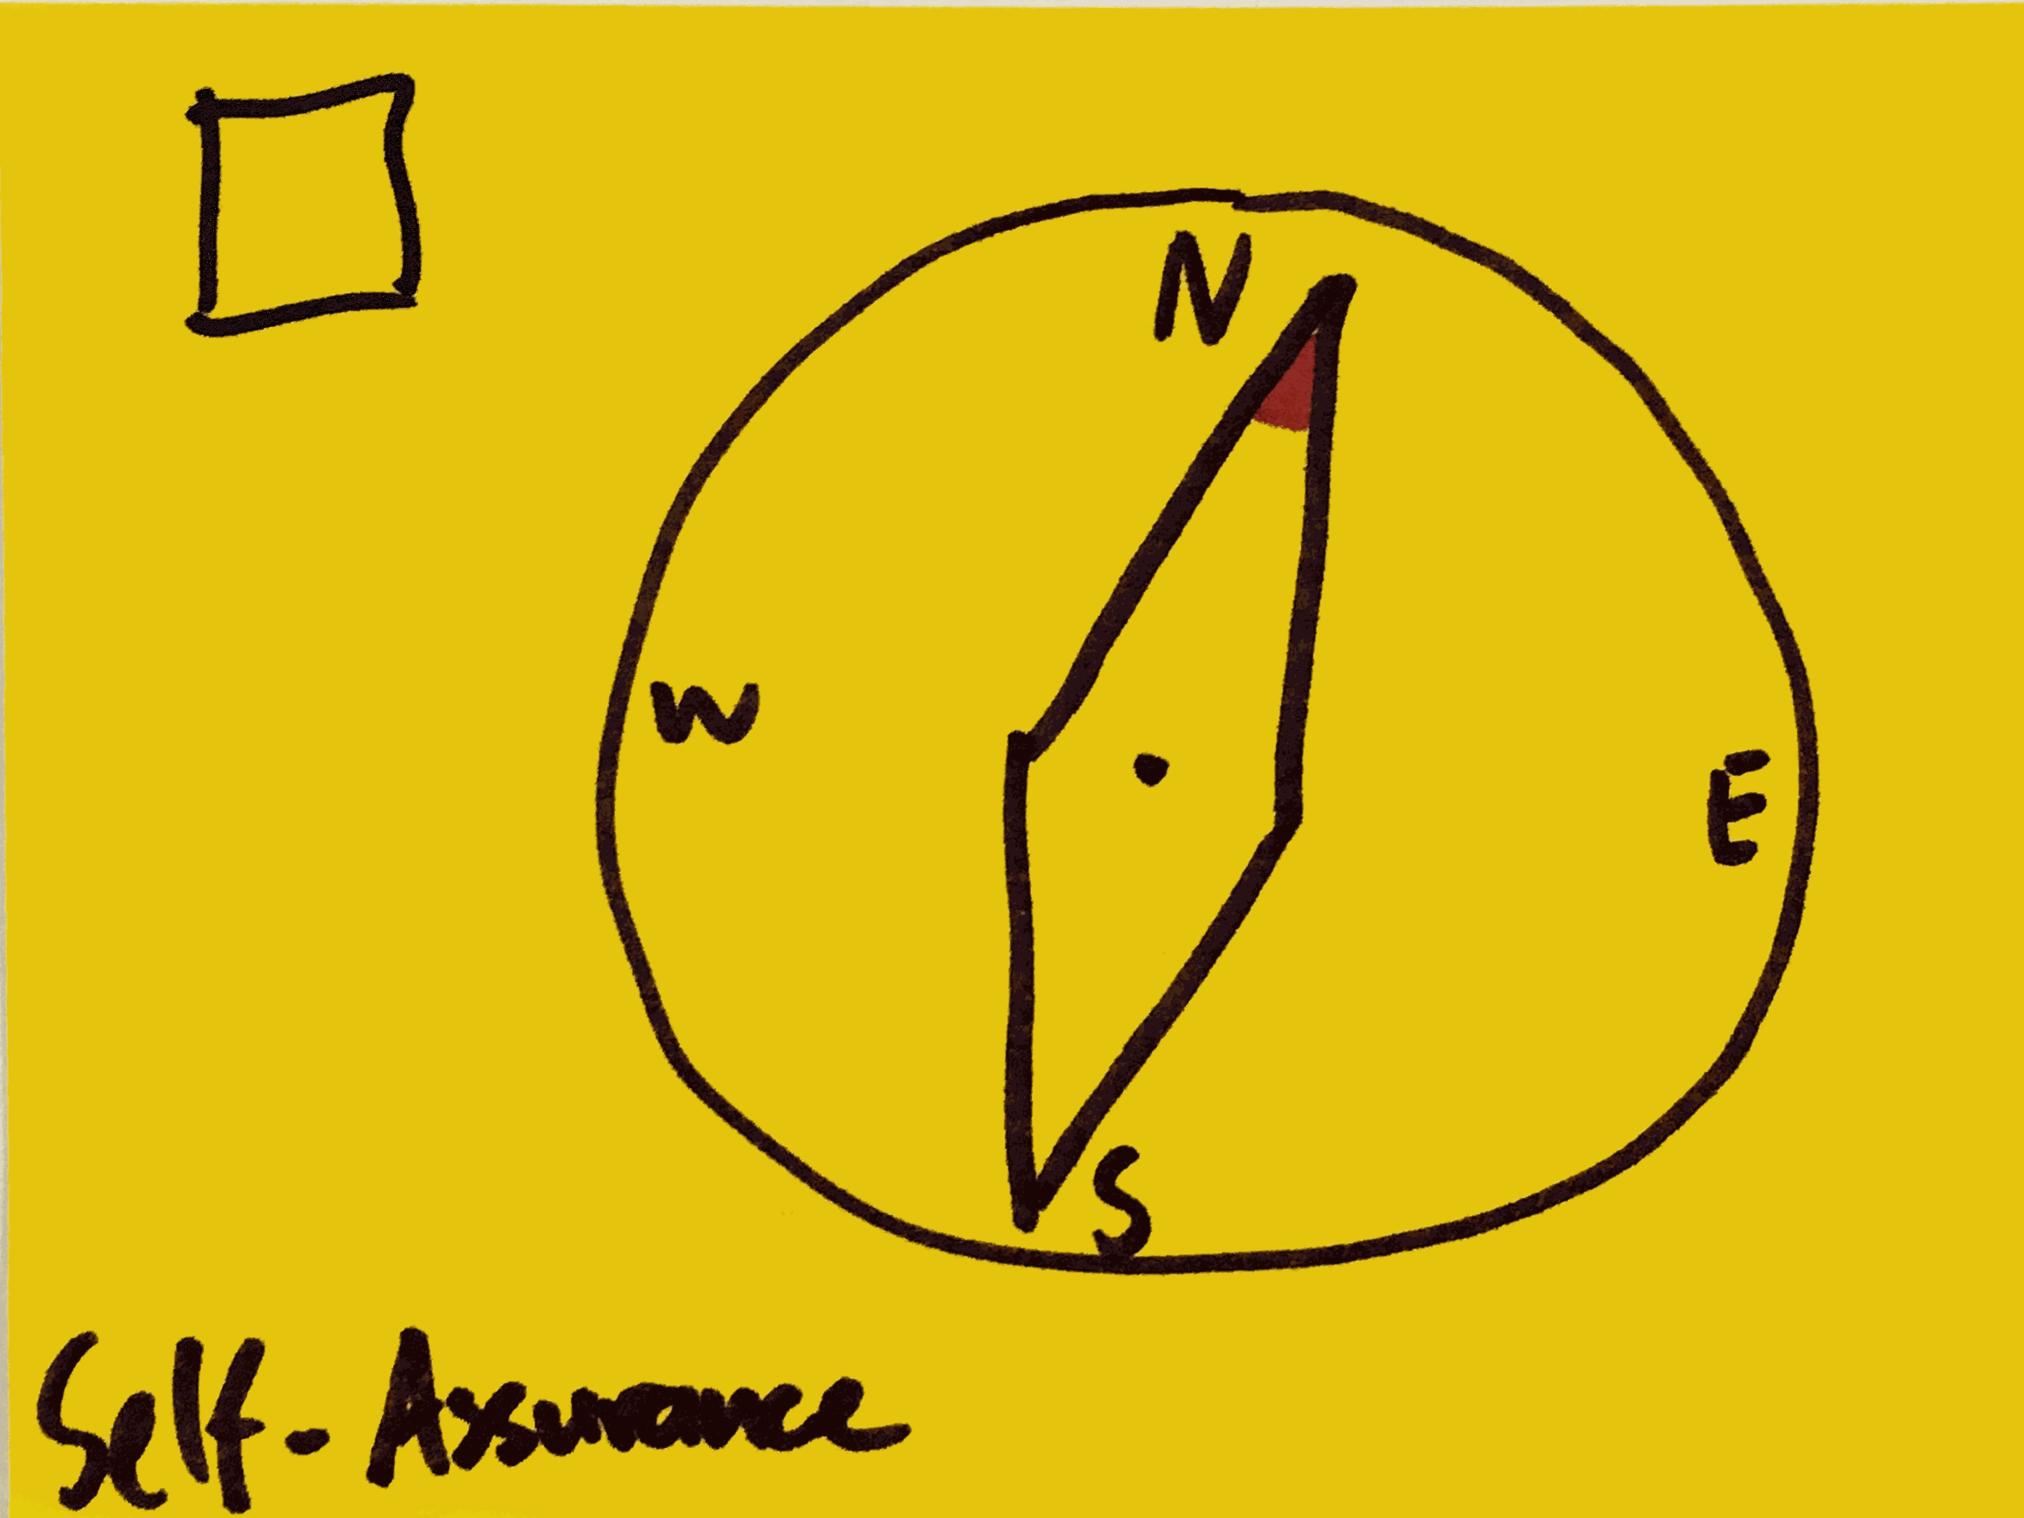 Self-Assurance Strengthsfinder Internal Compass